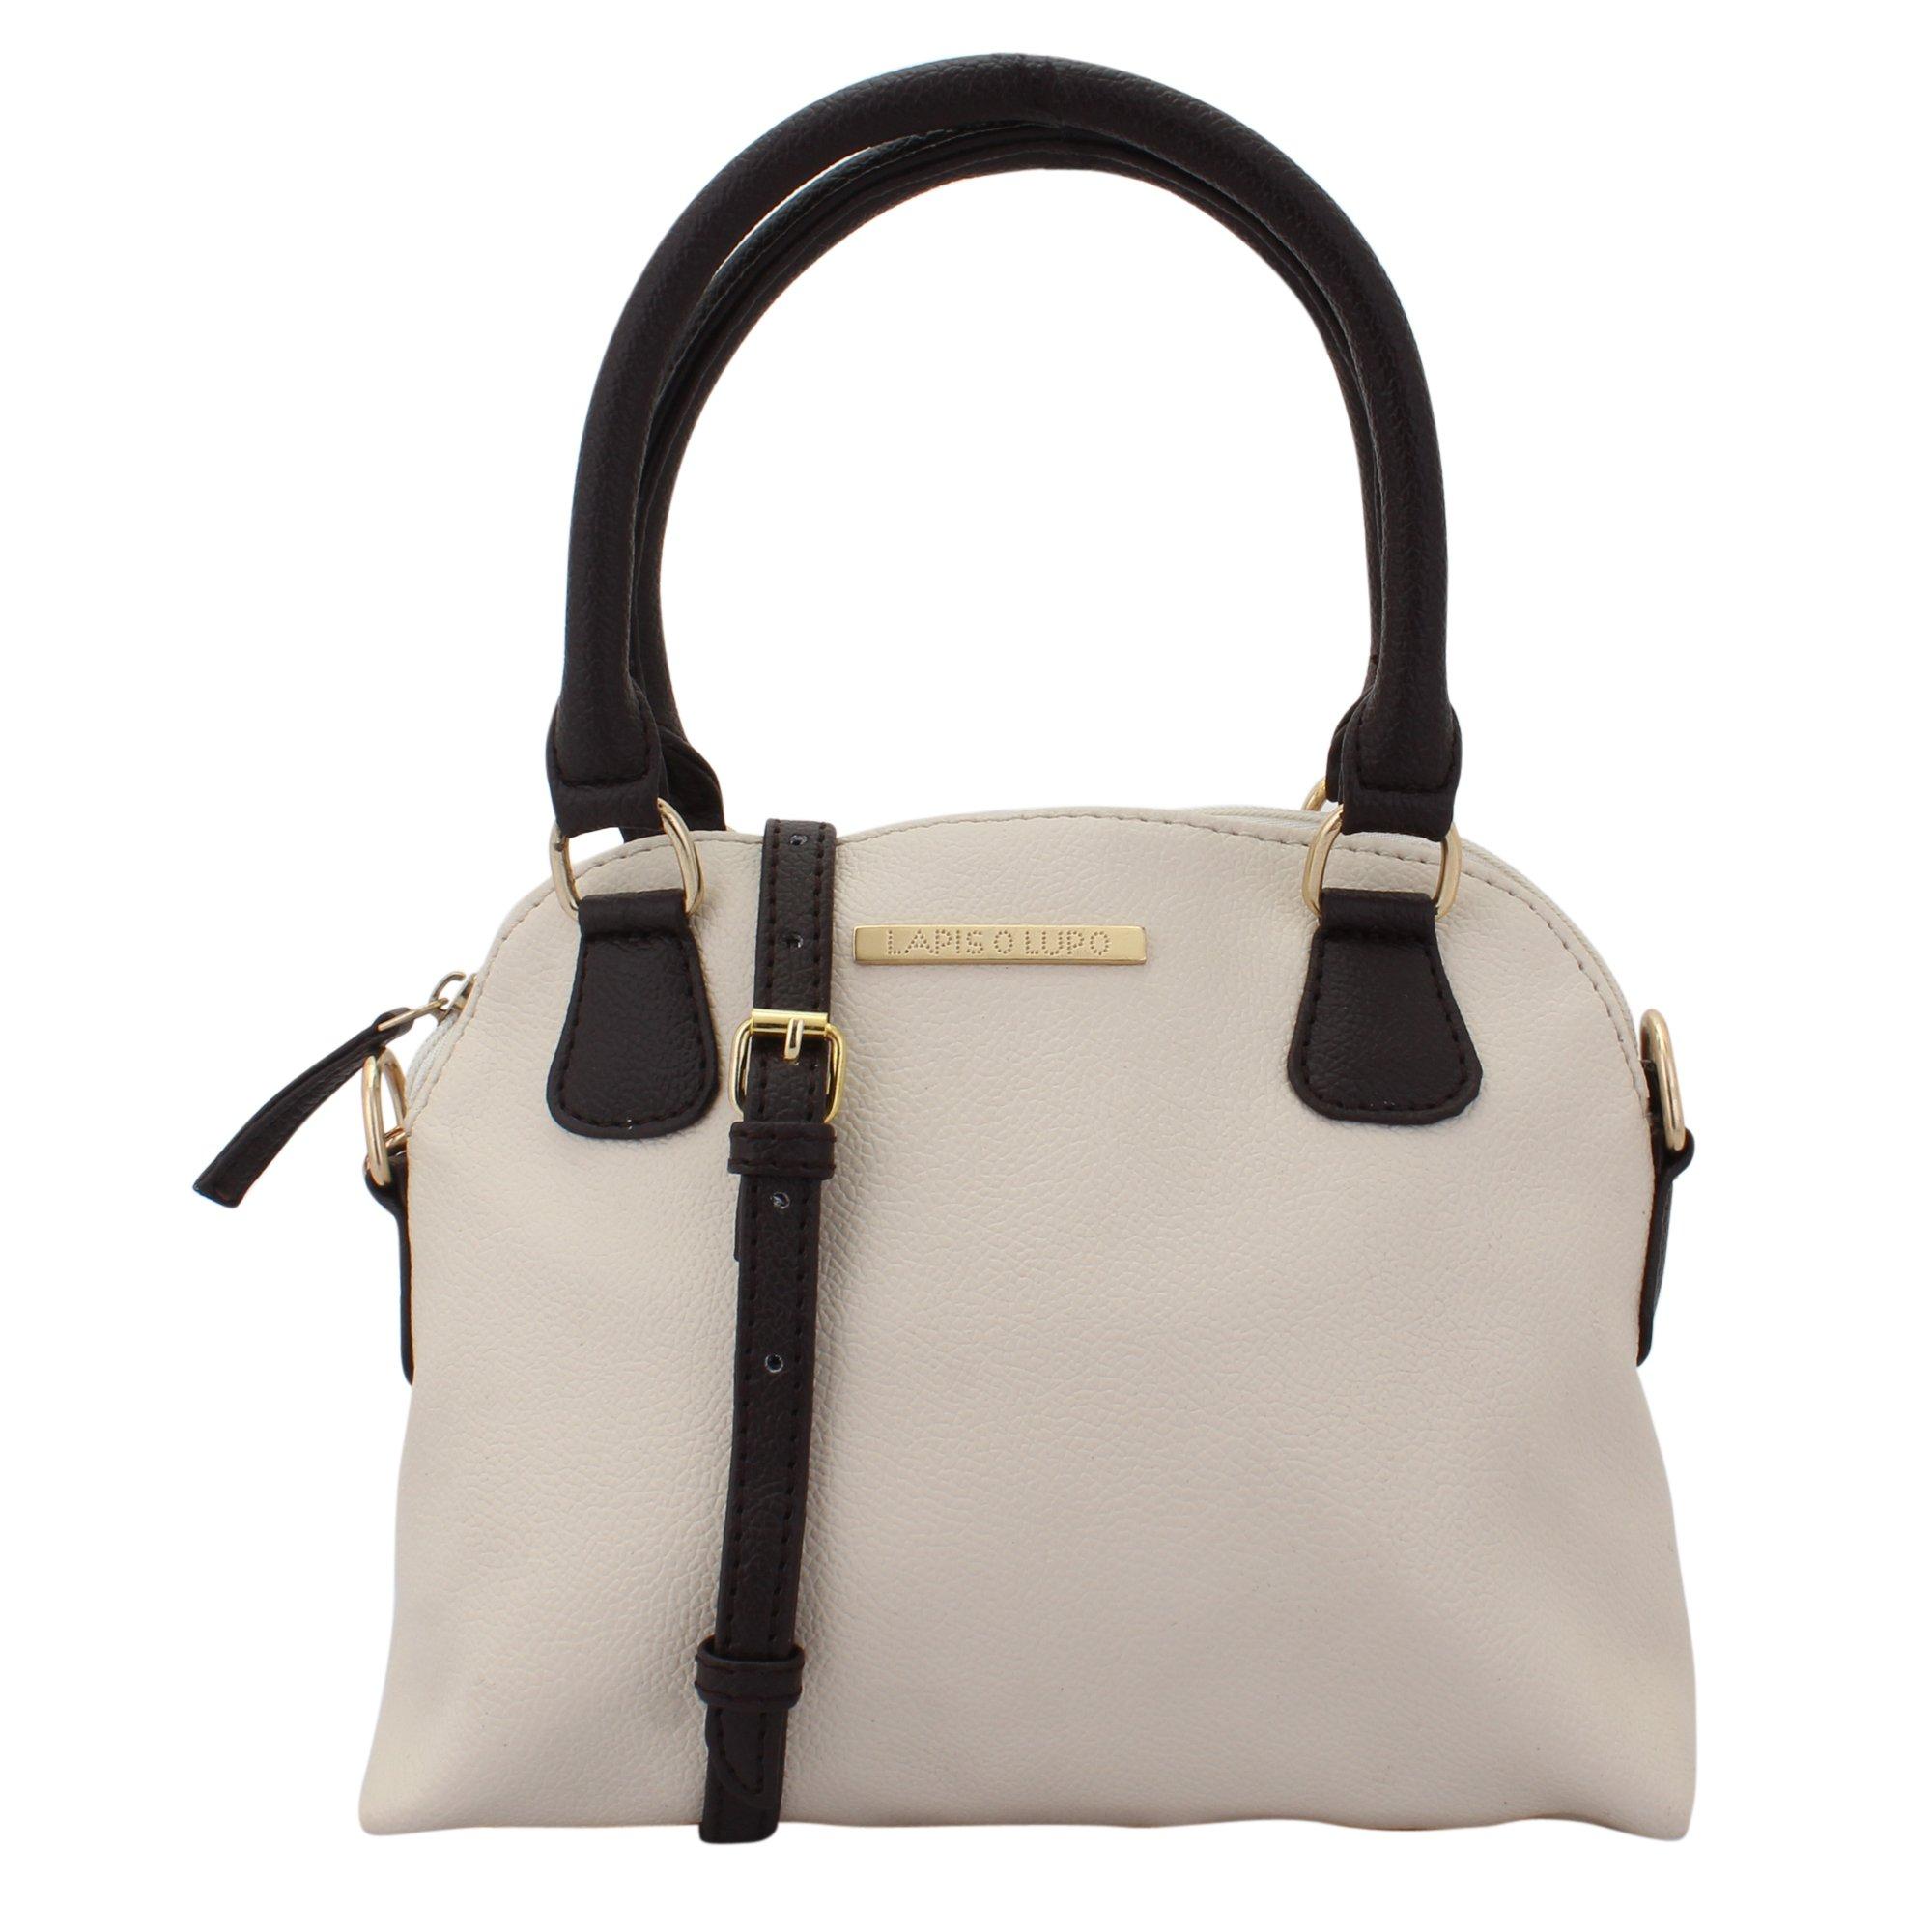 Lapis O Lupo Ivory Women's Small Handbag (Off White) product image